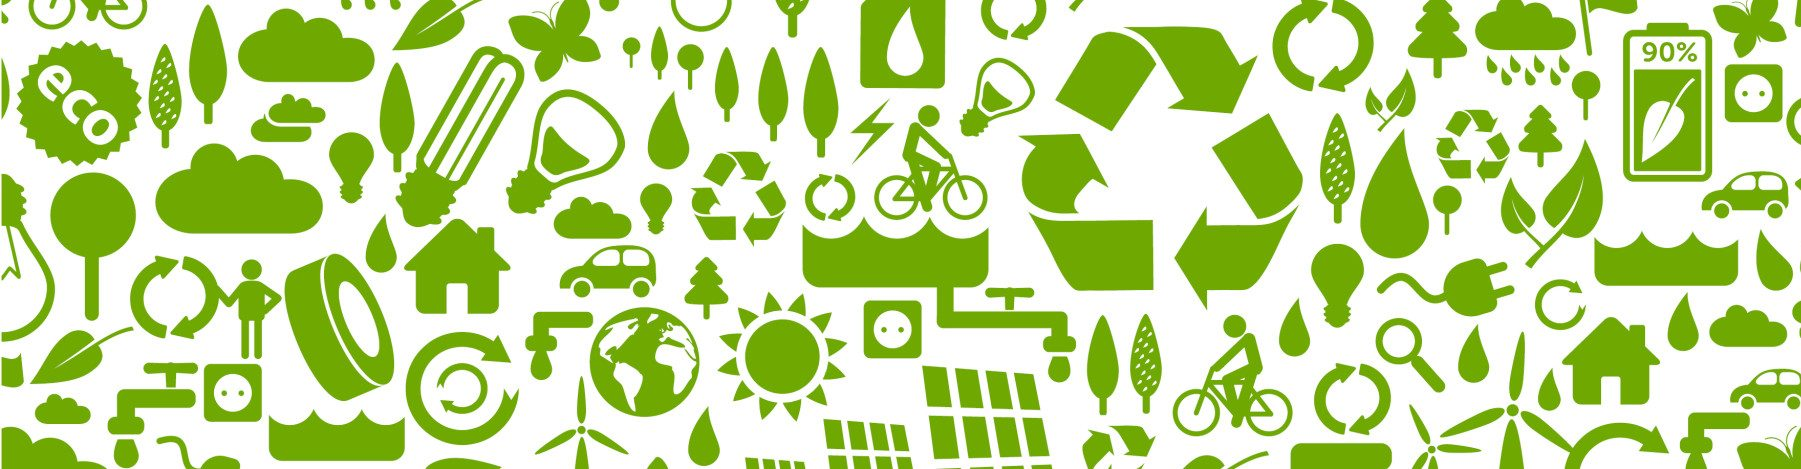 Thinking Sustainably